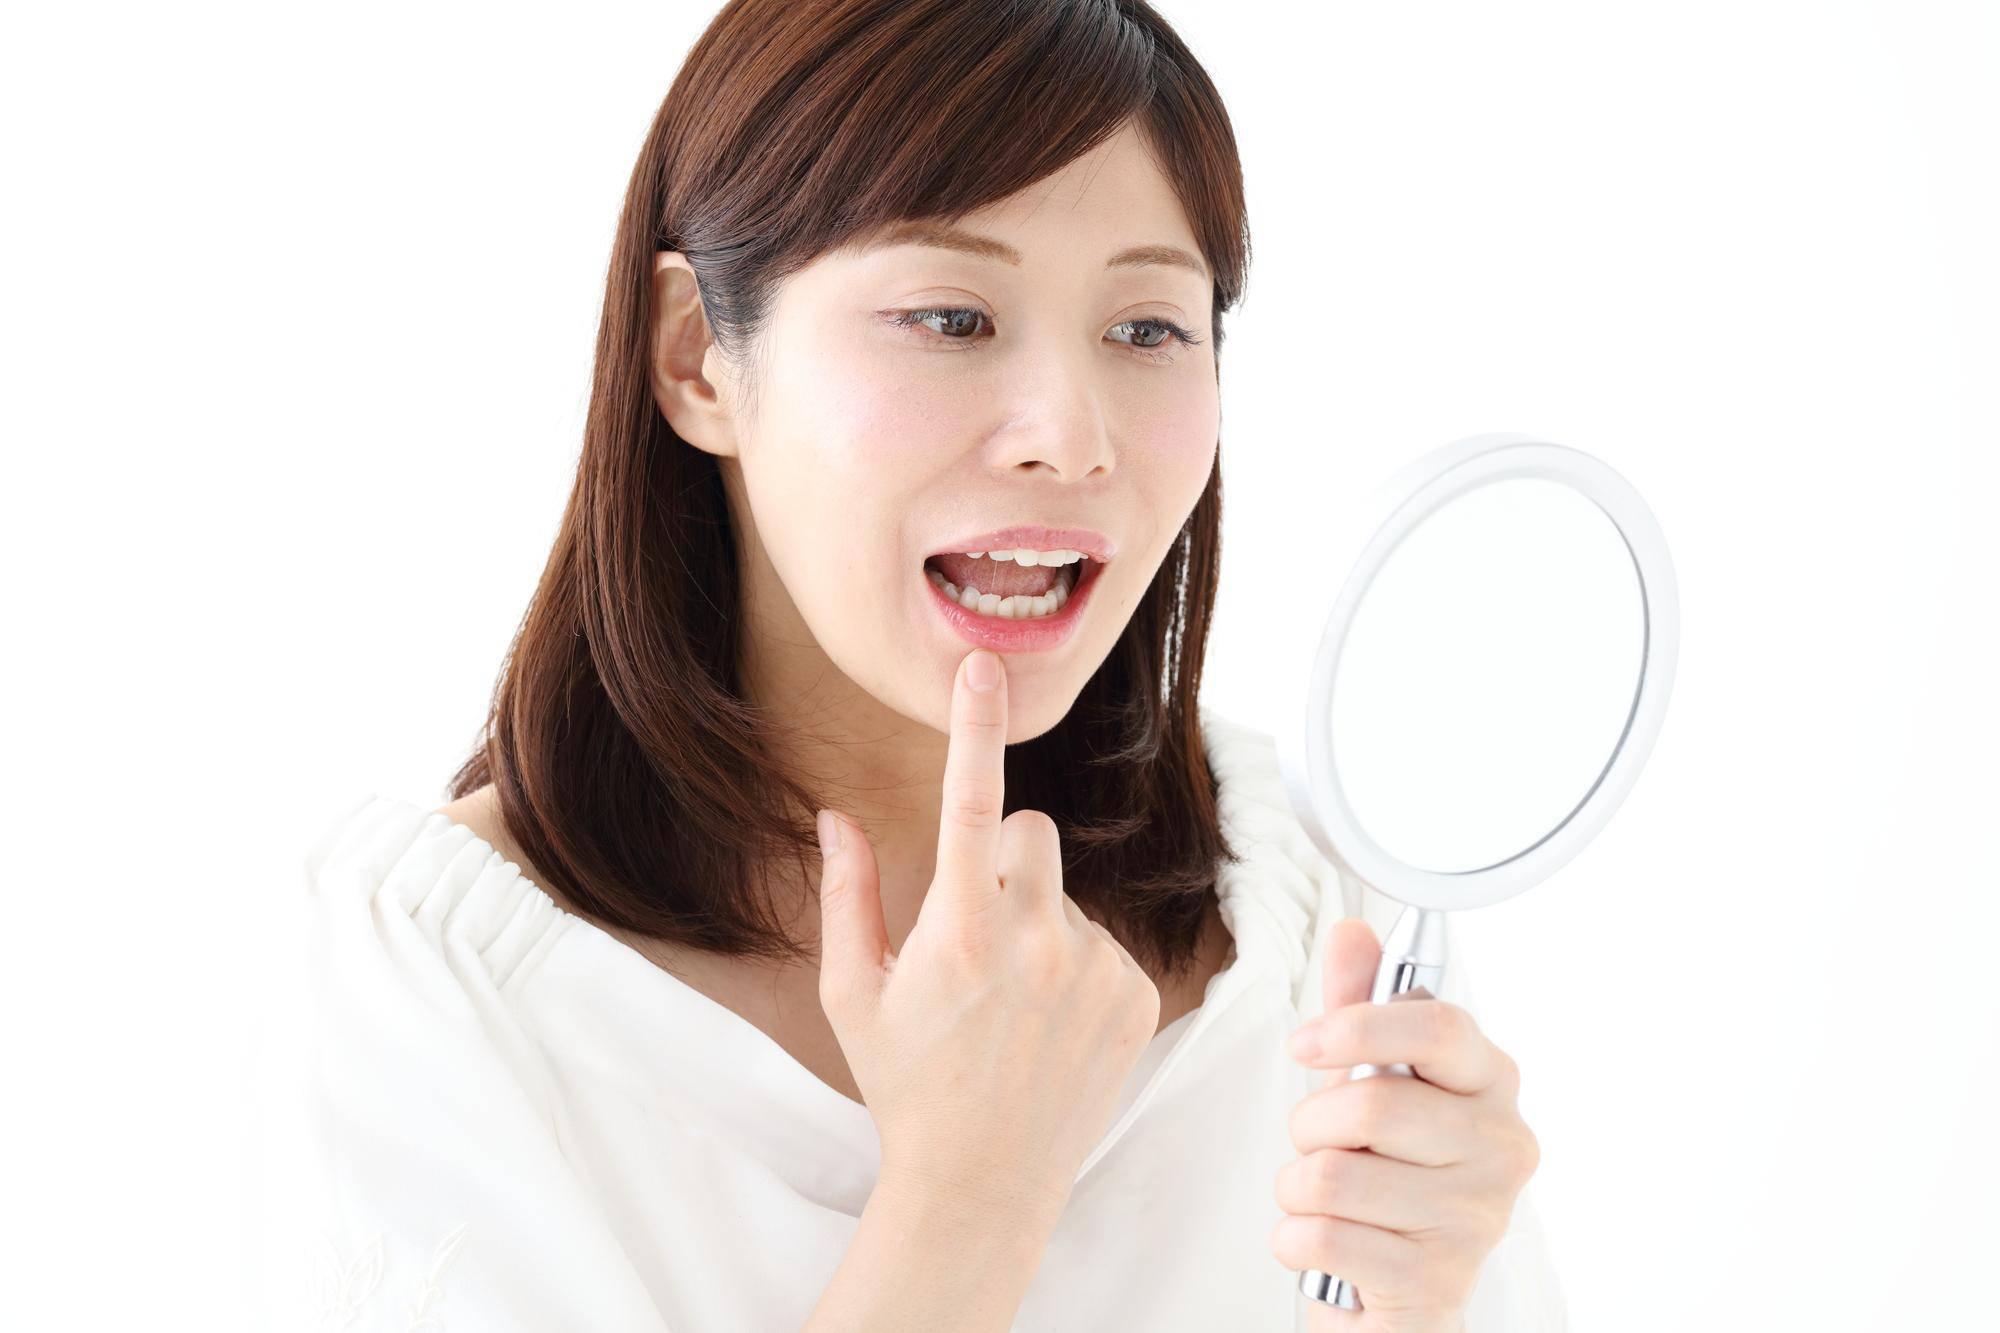 口の中を鏡でチェックする女性